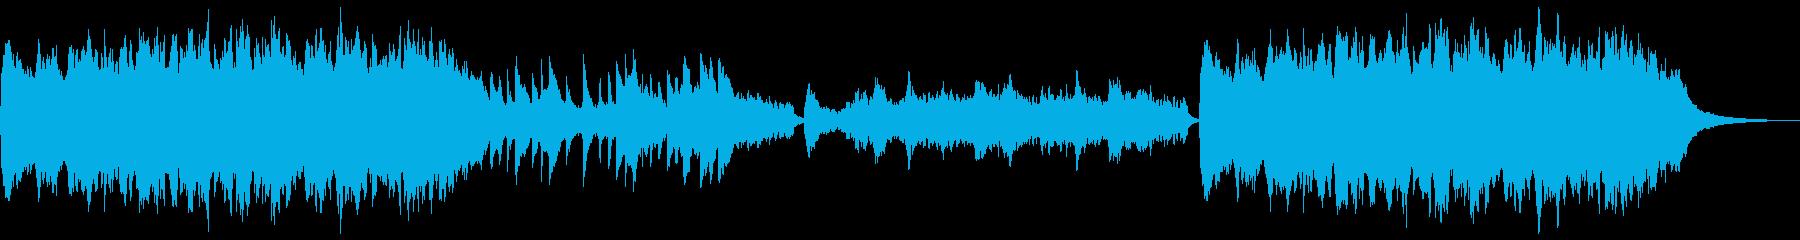 静かな雰囲気のBGMの再生済みの波形